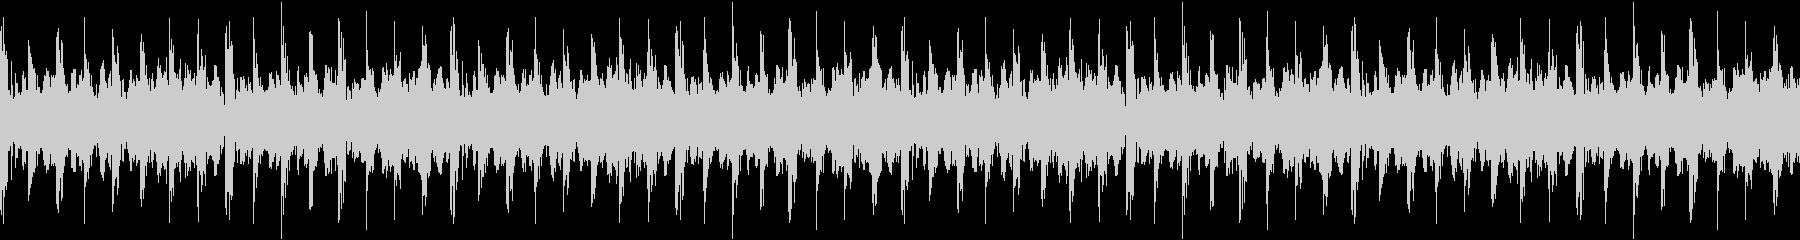 ストローブループ1の未再生の波形